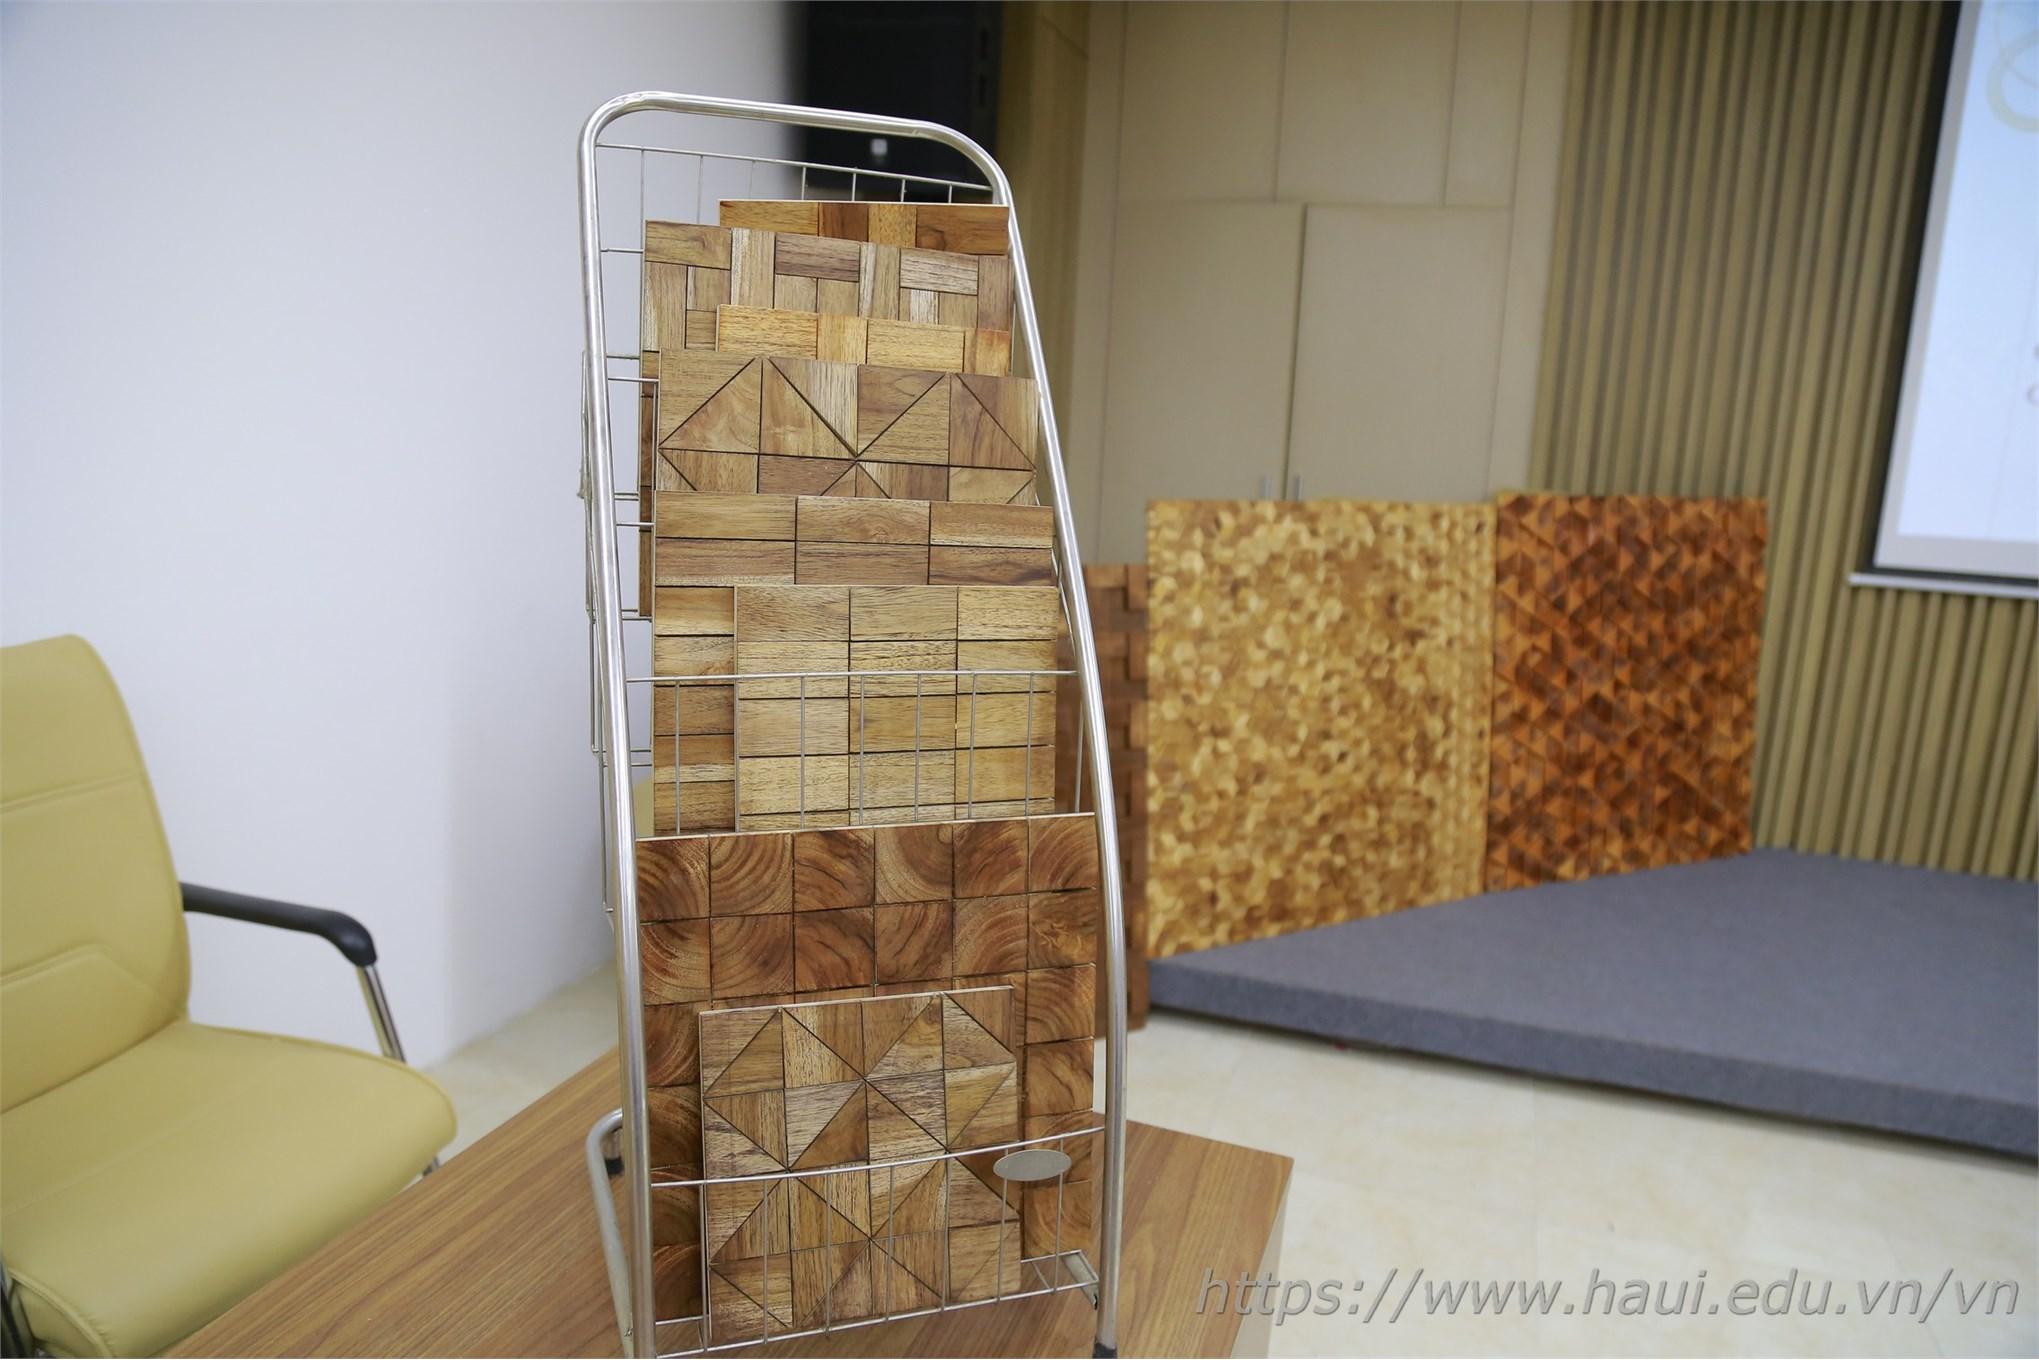 Sản phẩm tấm gỗ trang trí 3D dùng trong nội thất từ các loại gỗ rừng trồng Việt Nam được nhóm nghiên cứu sản xuất giới thiệu trong buổi nghiệm thu